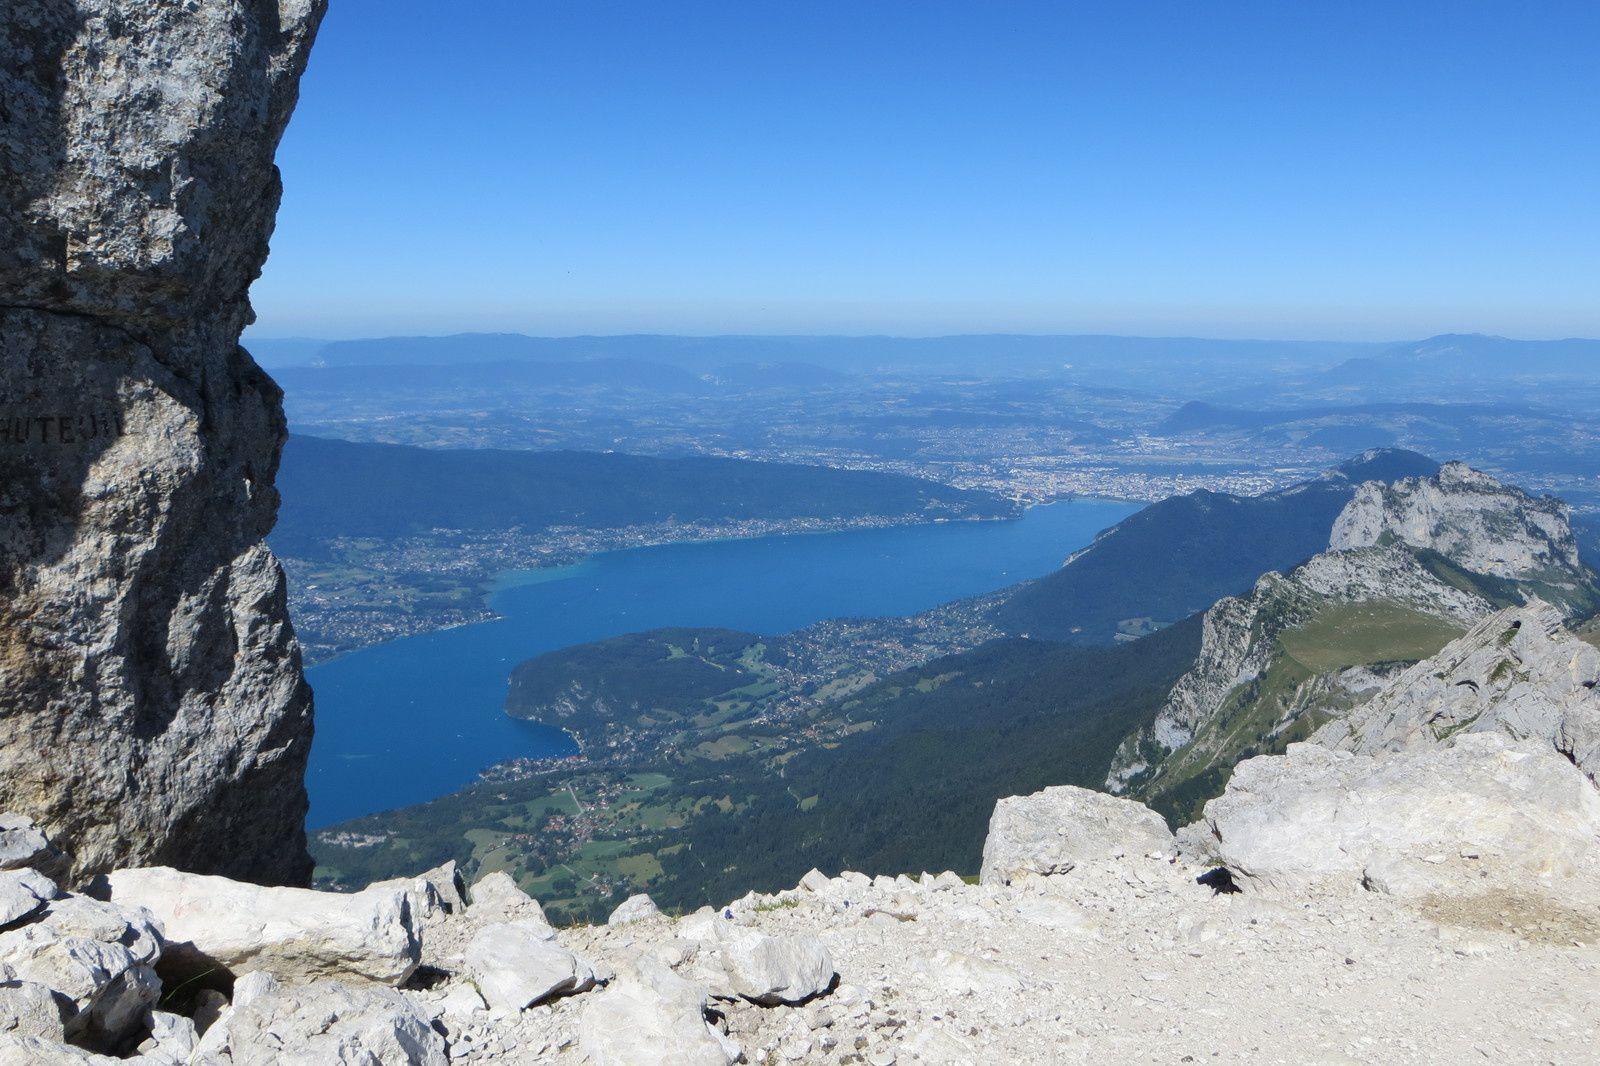 Lac d'Annecy vu du plateau sommital